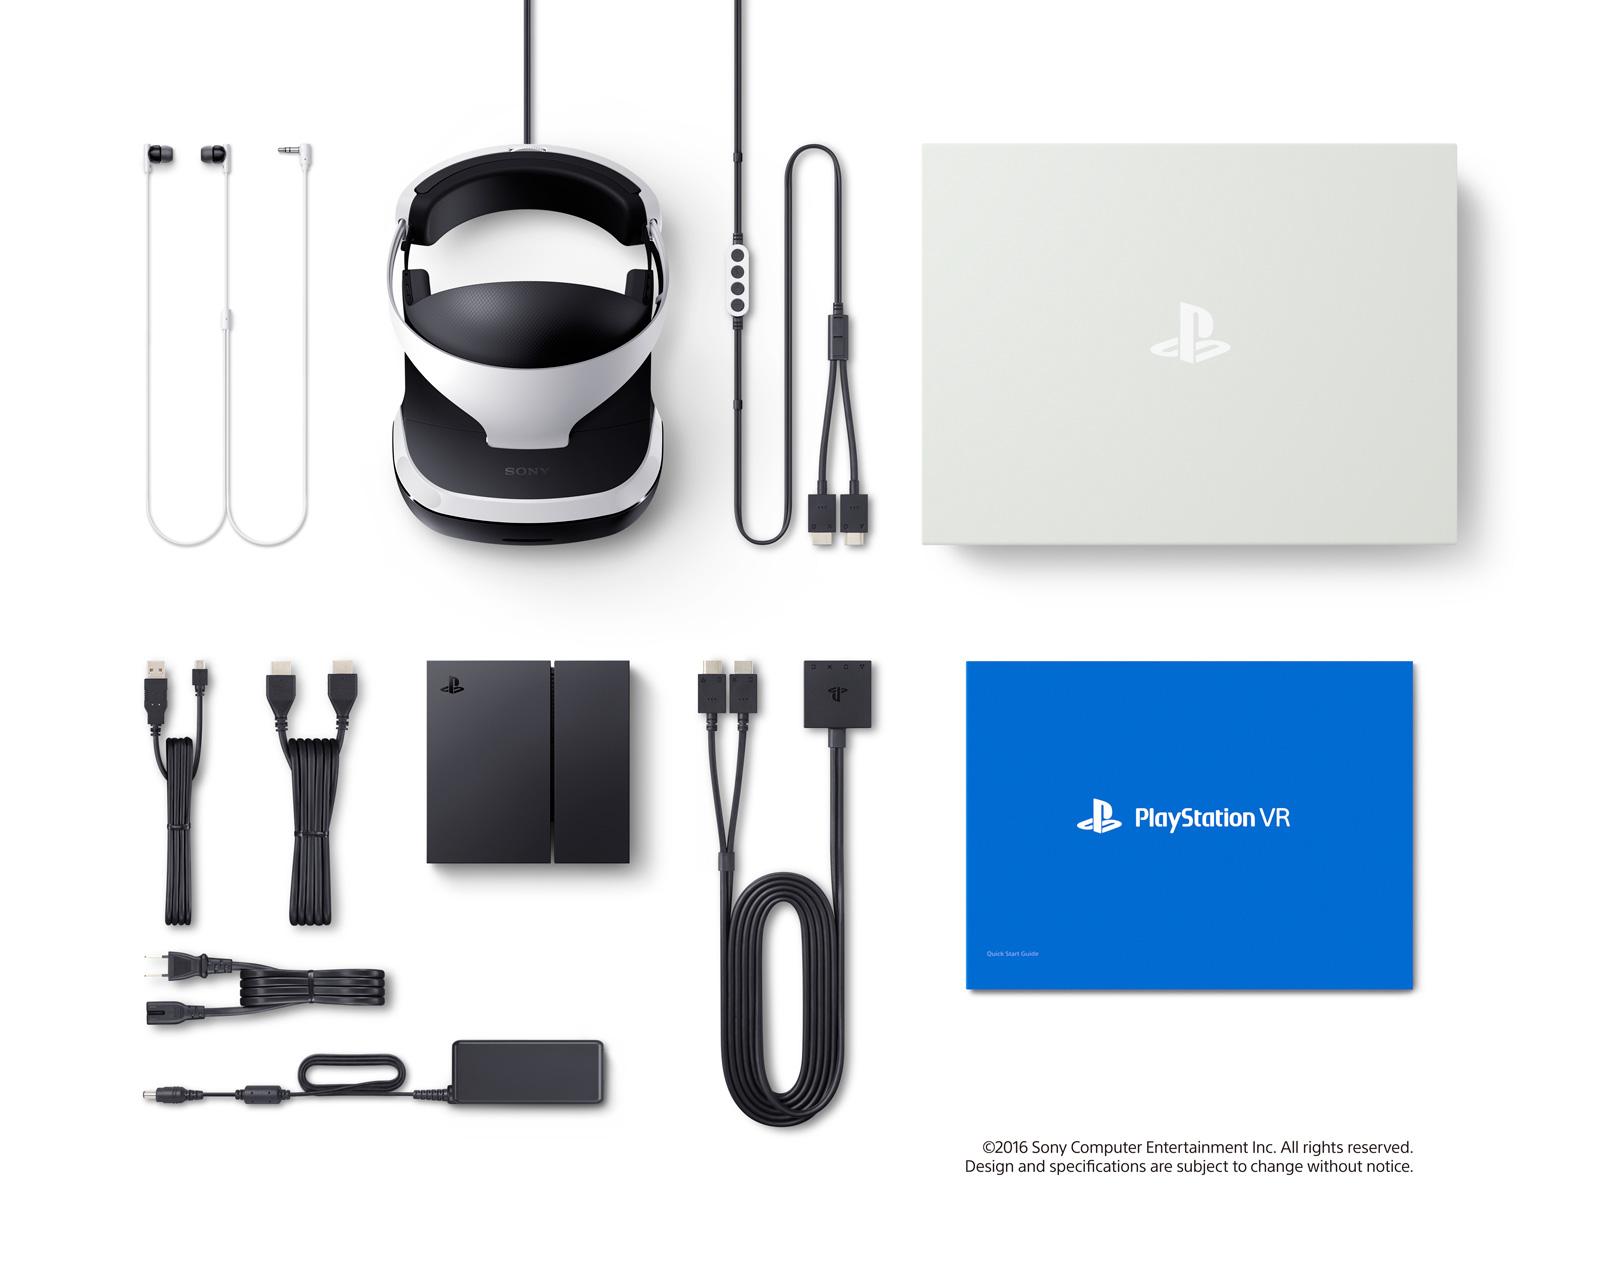 Voici ce qui est inclus avec le PlayStationVR. Les manettes PlayStationMove sont vendues séparément, mais leur utilisation est optionnelle: tous les jeux fonctionnent aussi avec la DualShock4.